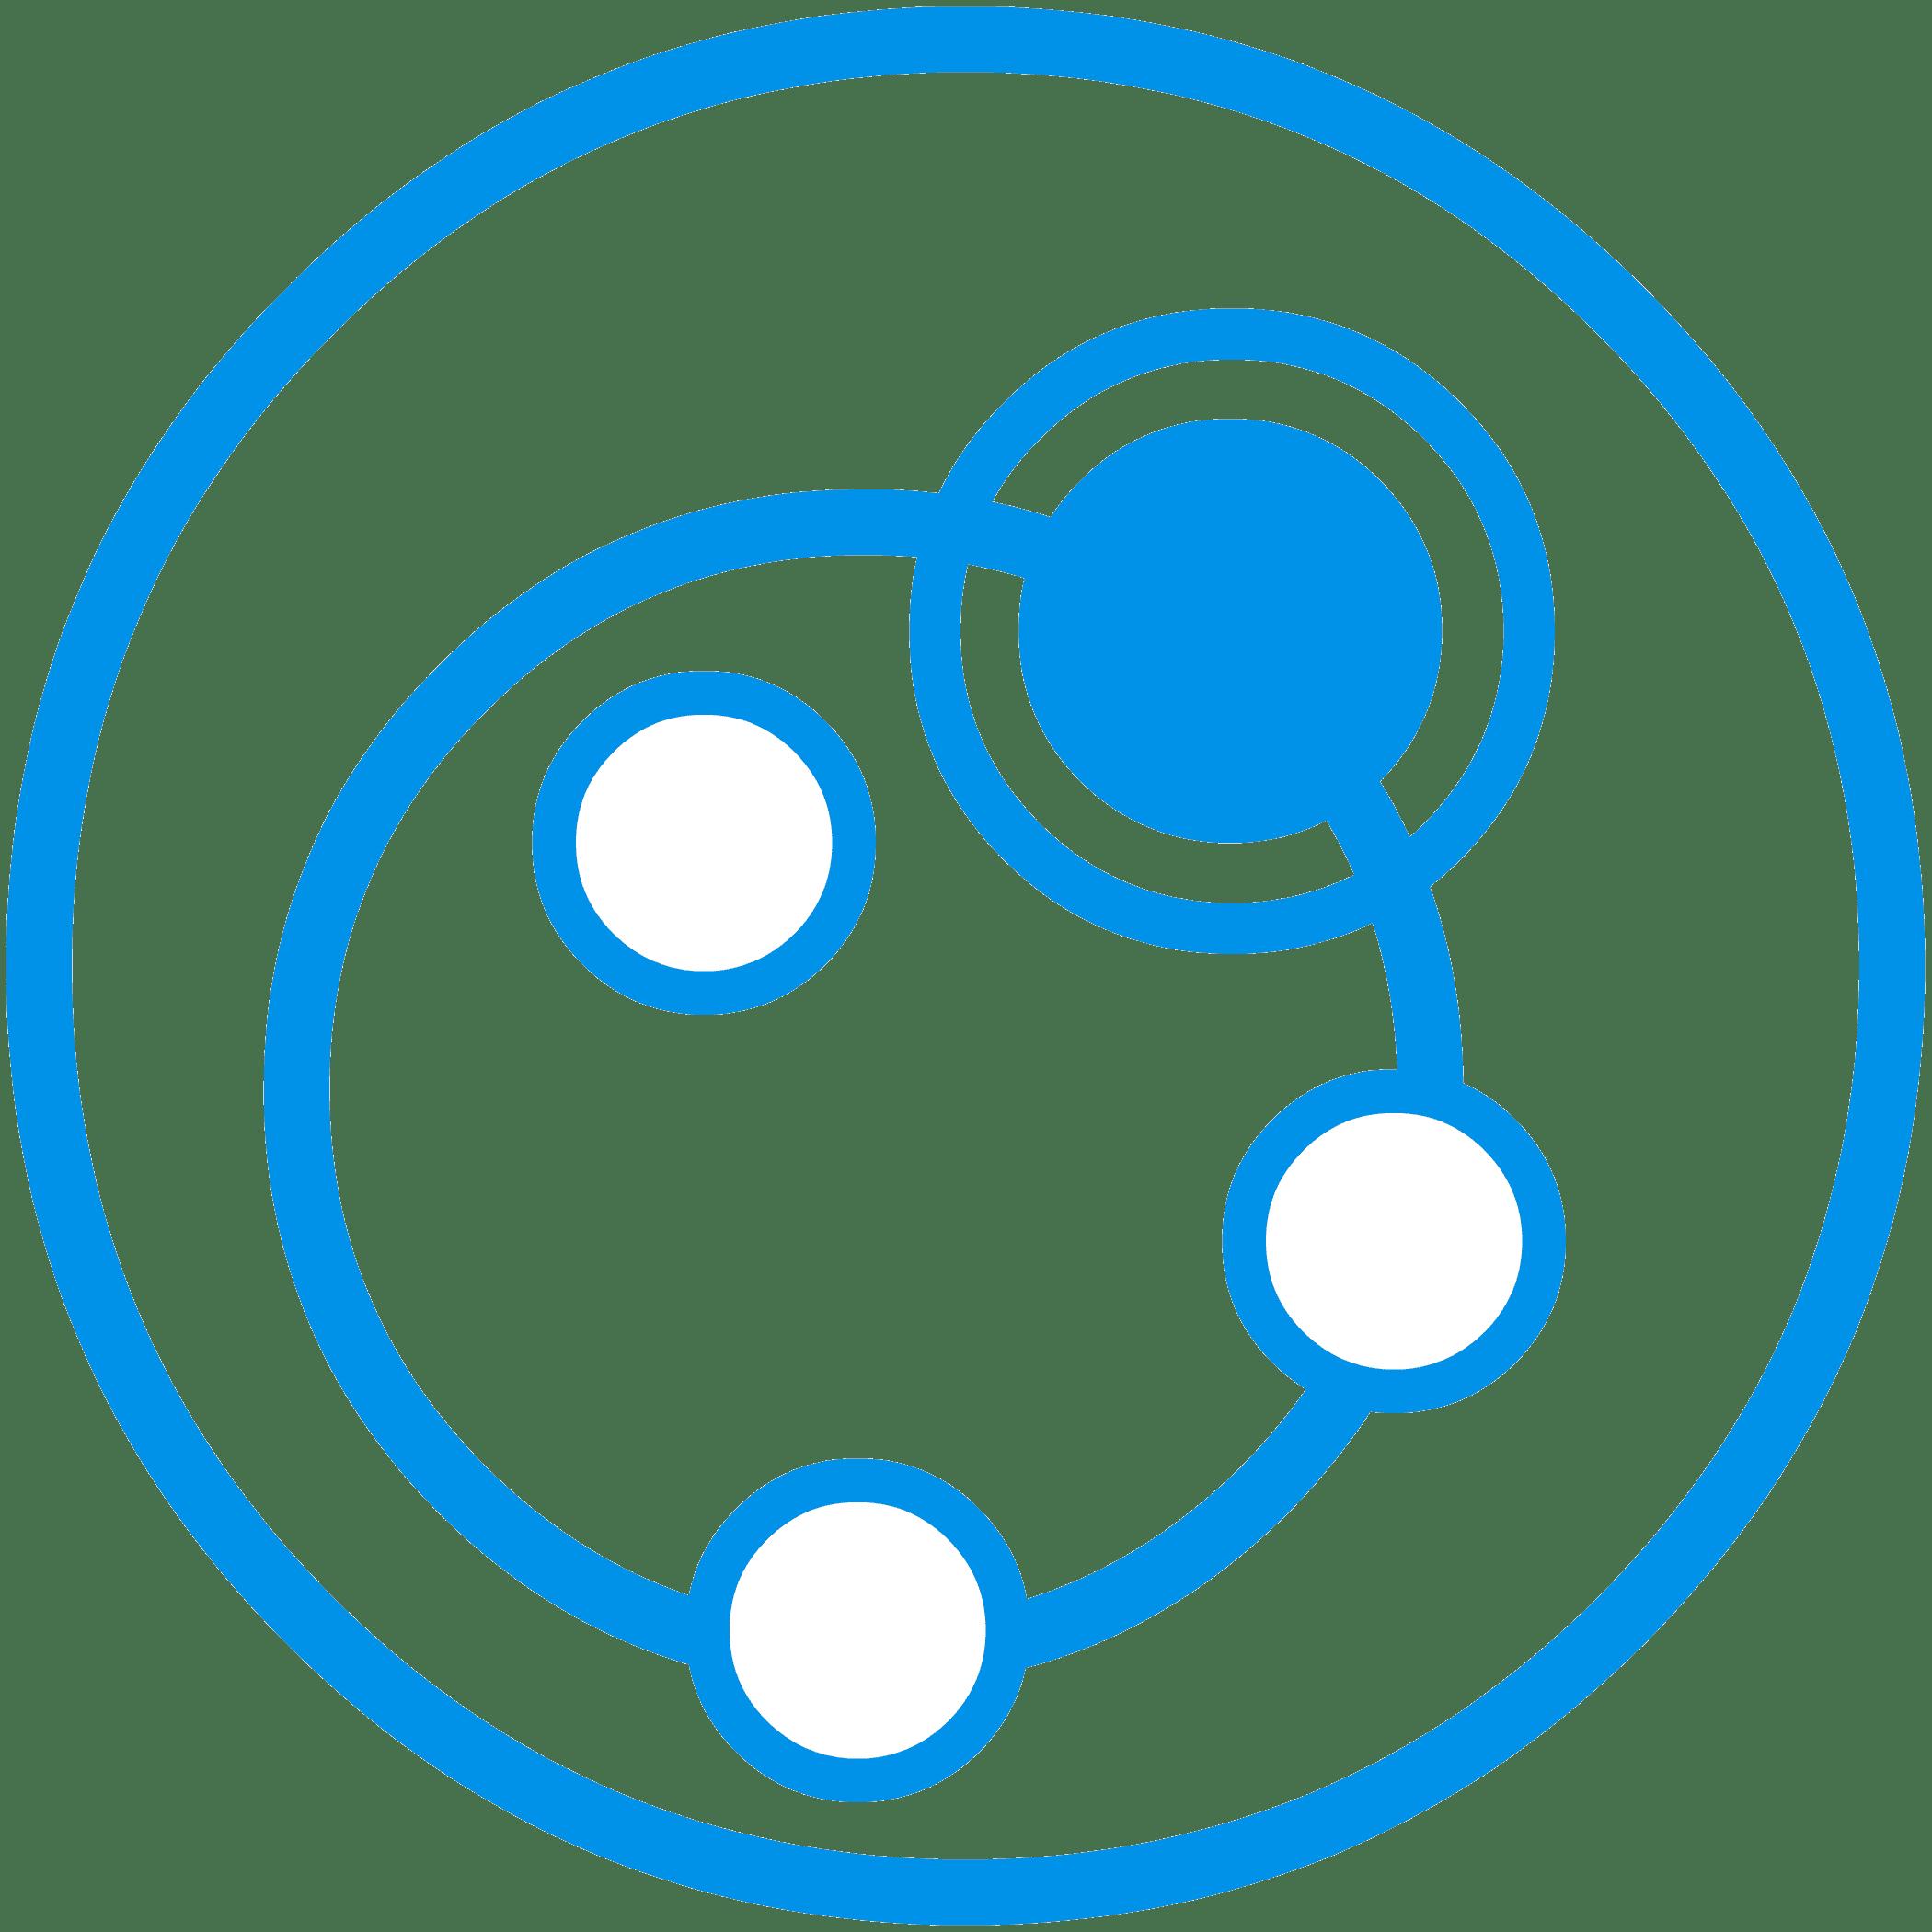 askblu.ai (by Happy Blue Fish) icon